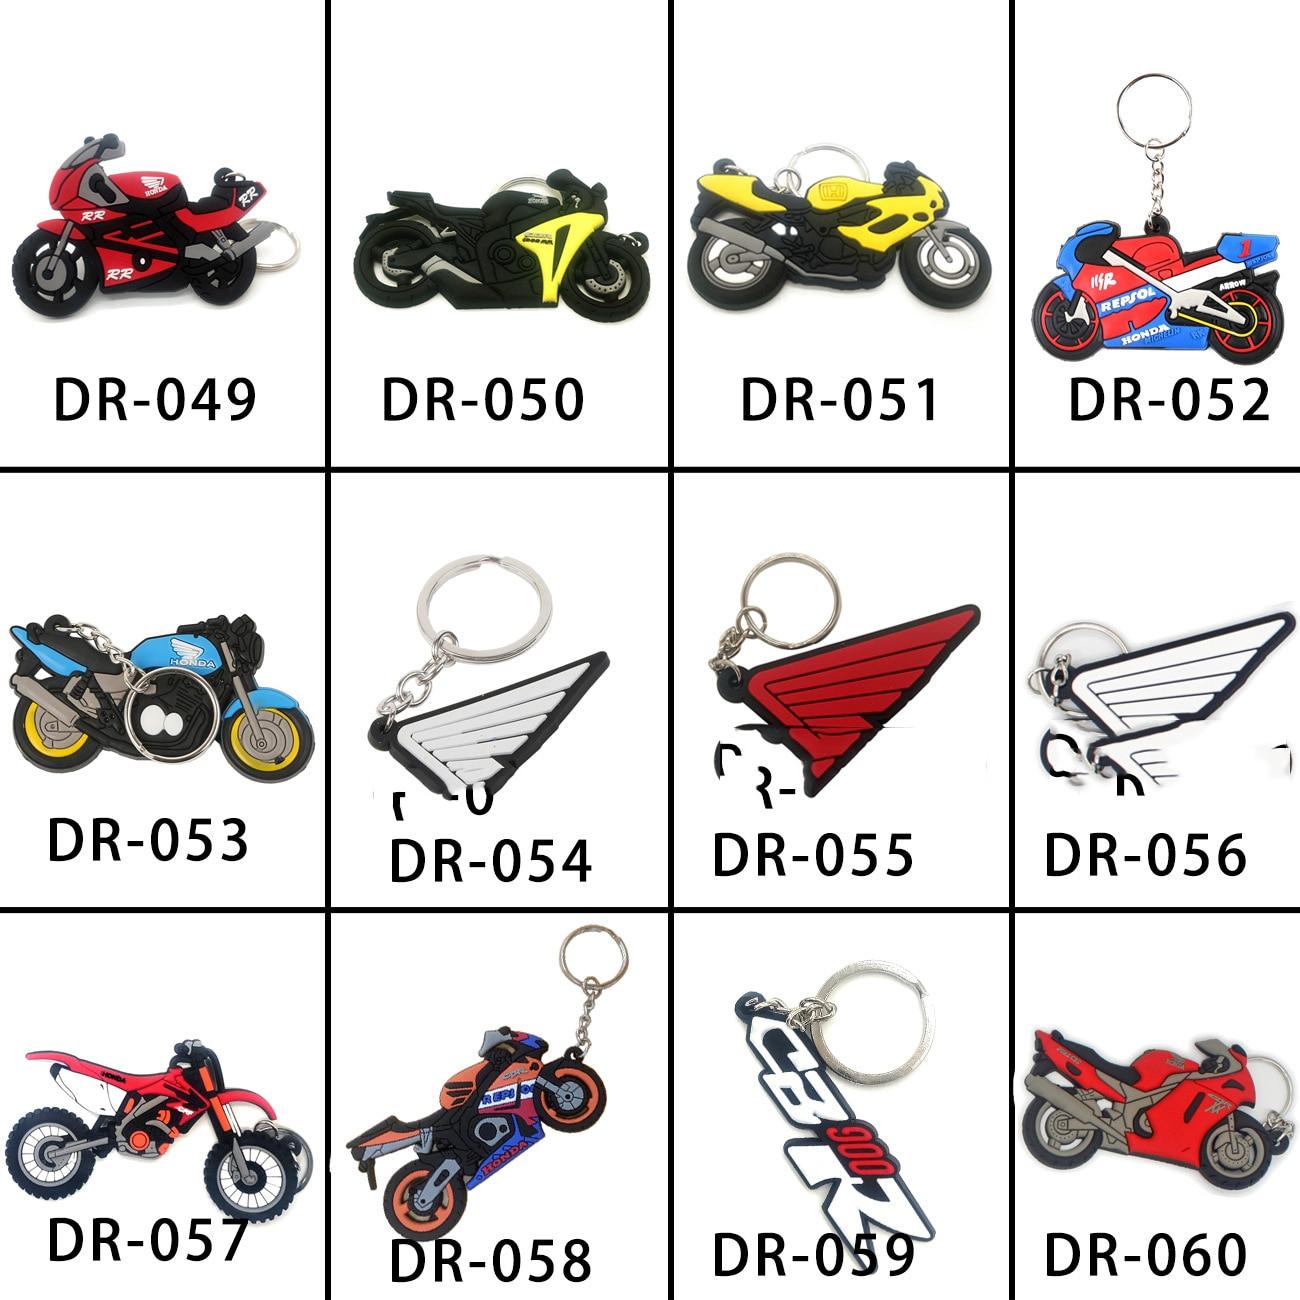 Kawasaki Ninja Soft Rubber Keyring Key Chain Motorcycle Key Ring Green /& Black